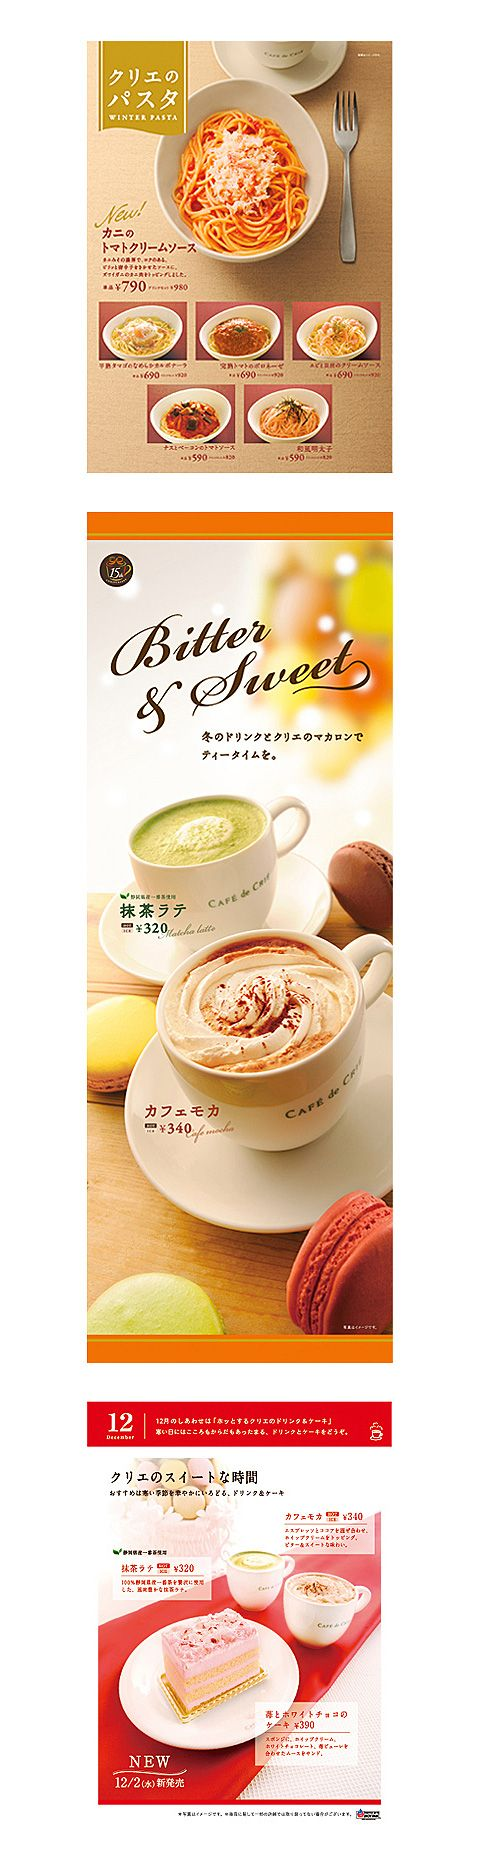 ポッカクリエイト 店頭販促ツール「カフェ・ド・クリエ 2009年12月」